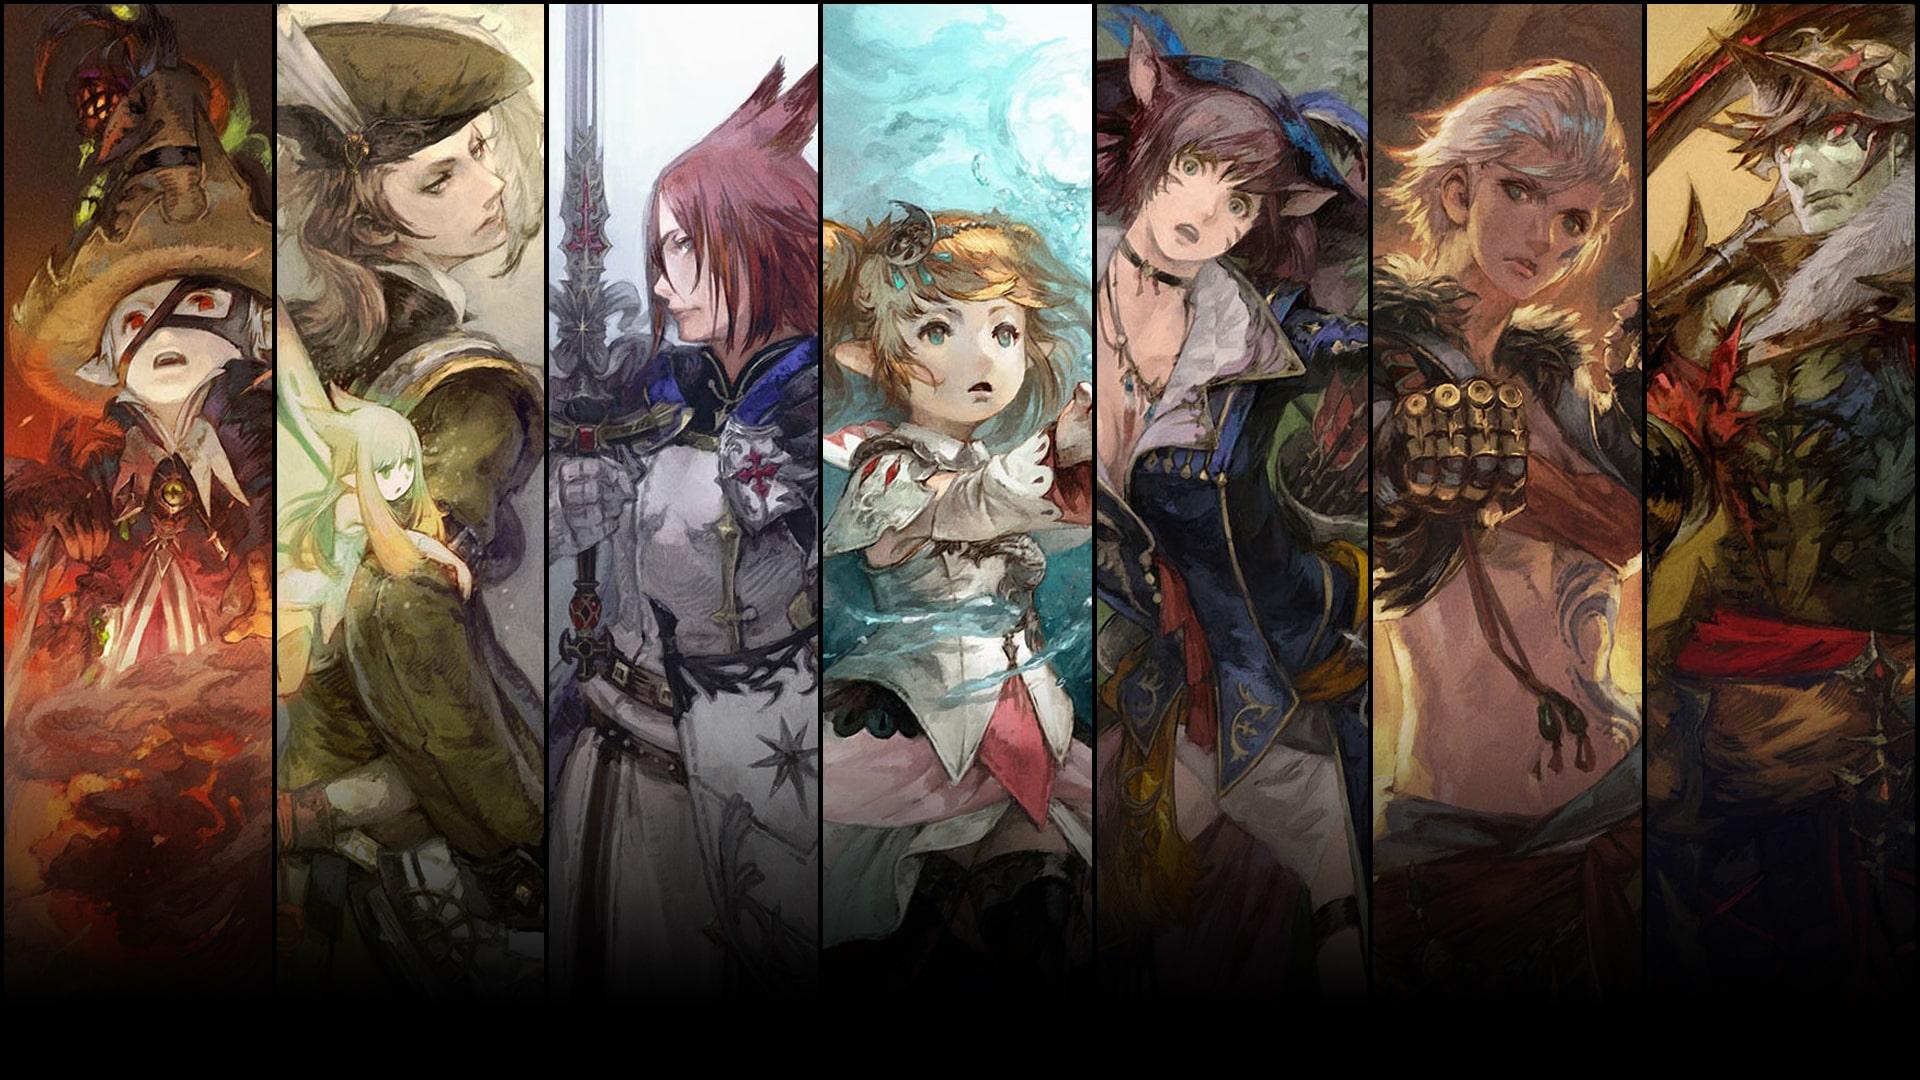 Final Fantasy XIV: Большое расширение Бесплатной пробной версии FINAL FANTASY XIV